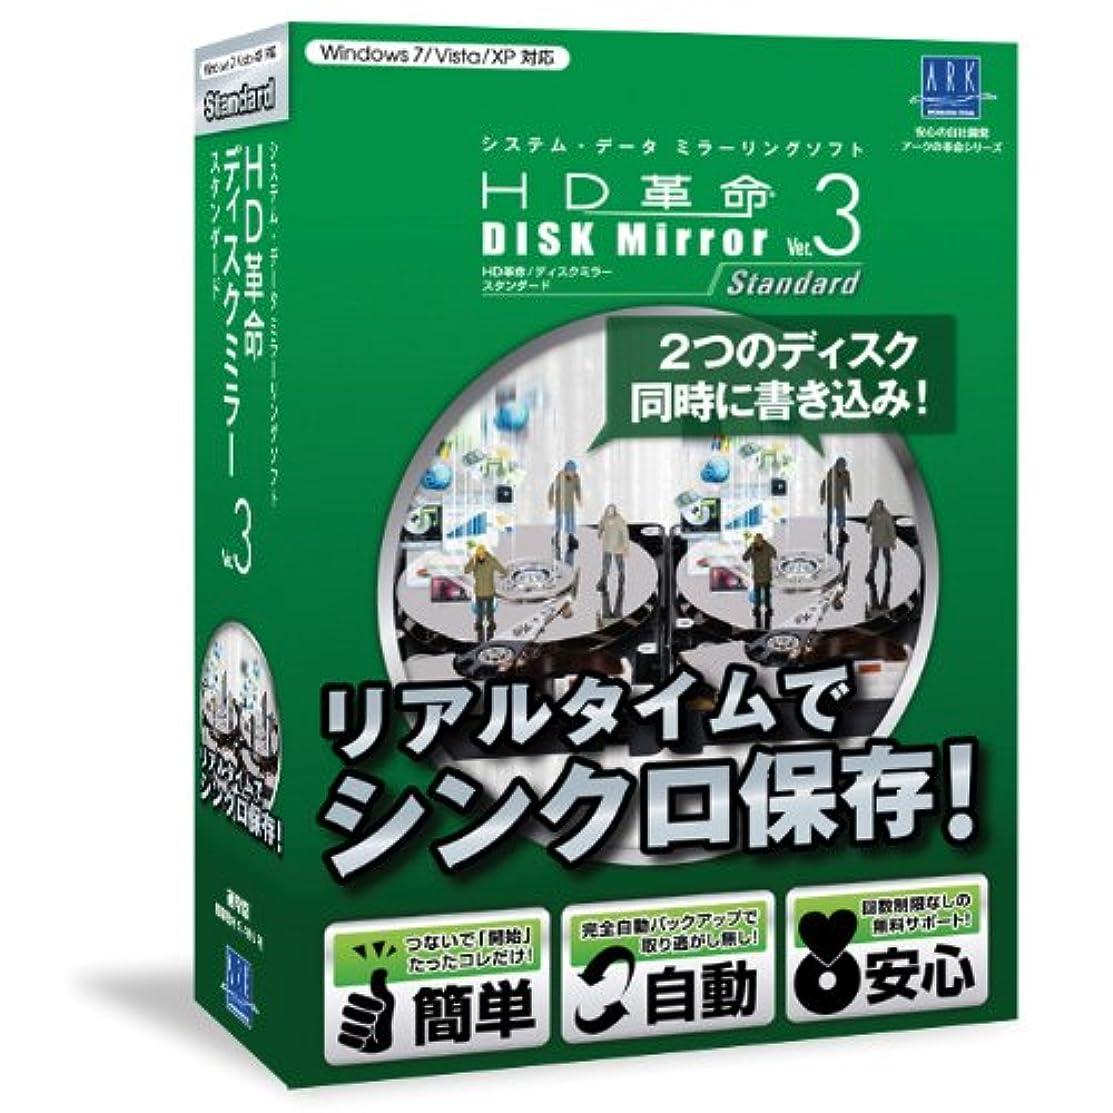 遠征チケットポンドHD革命/DISK Mirror Ver.3 Standard 通常版